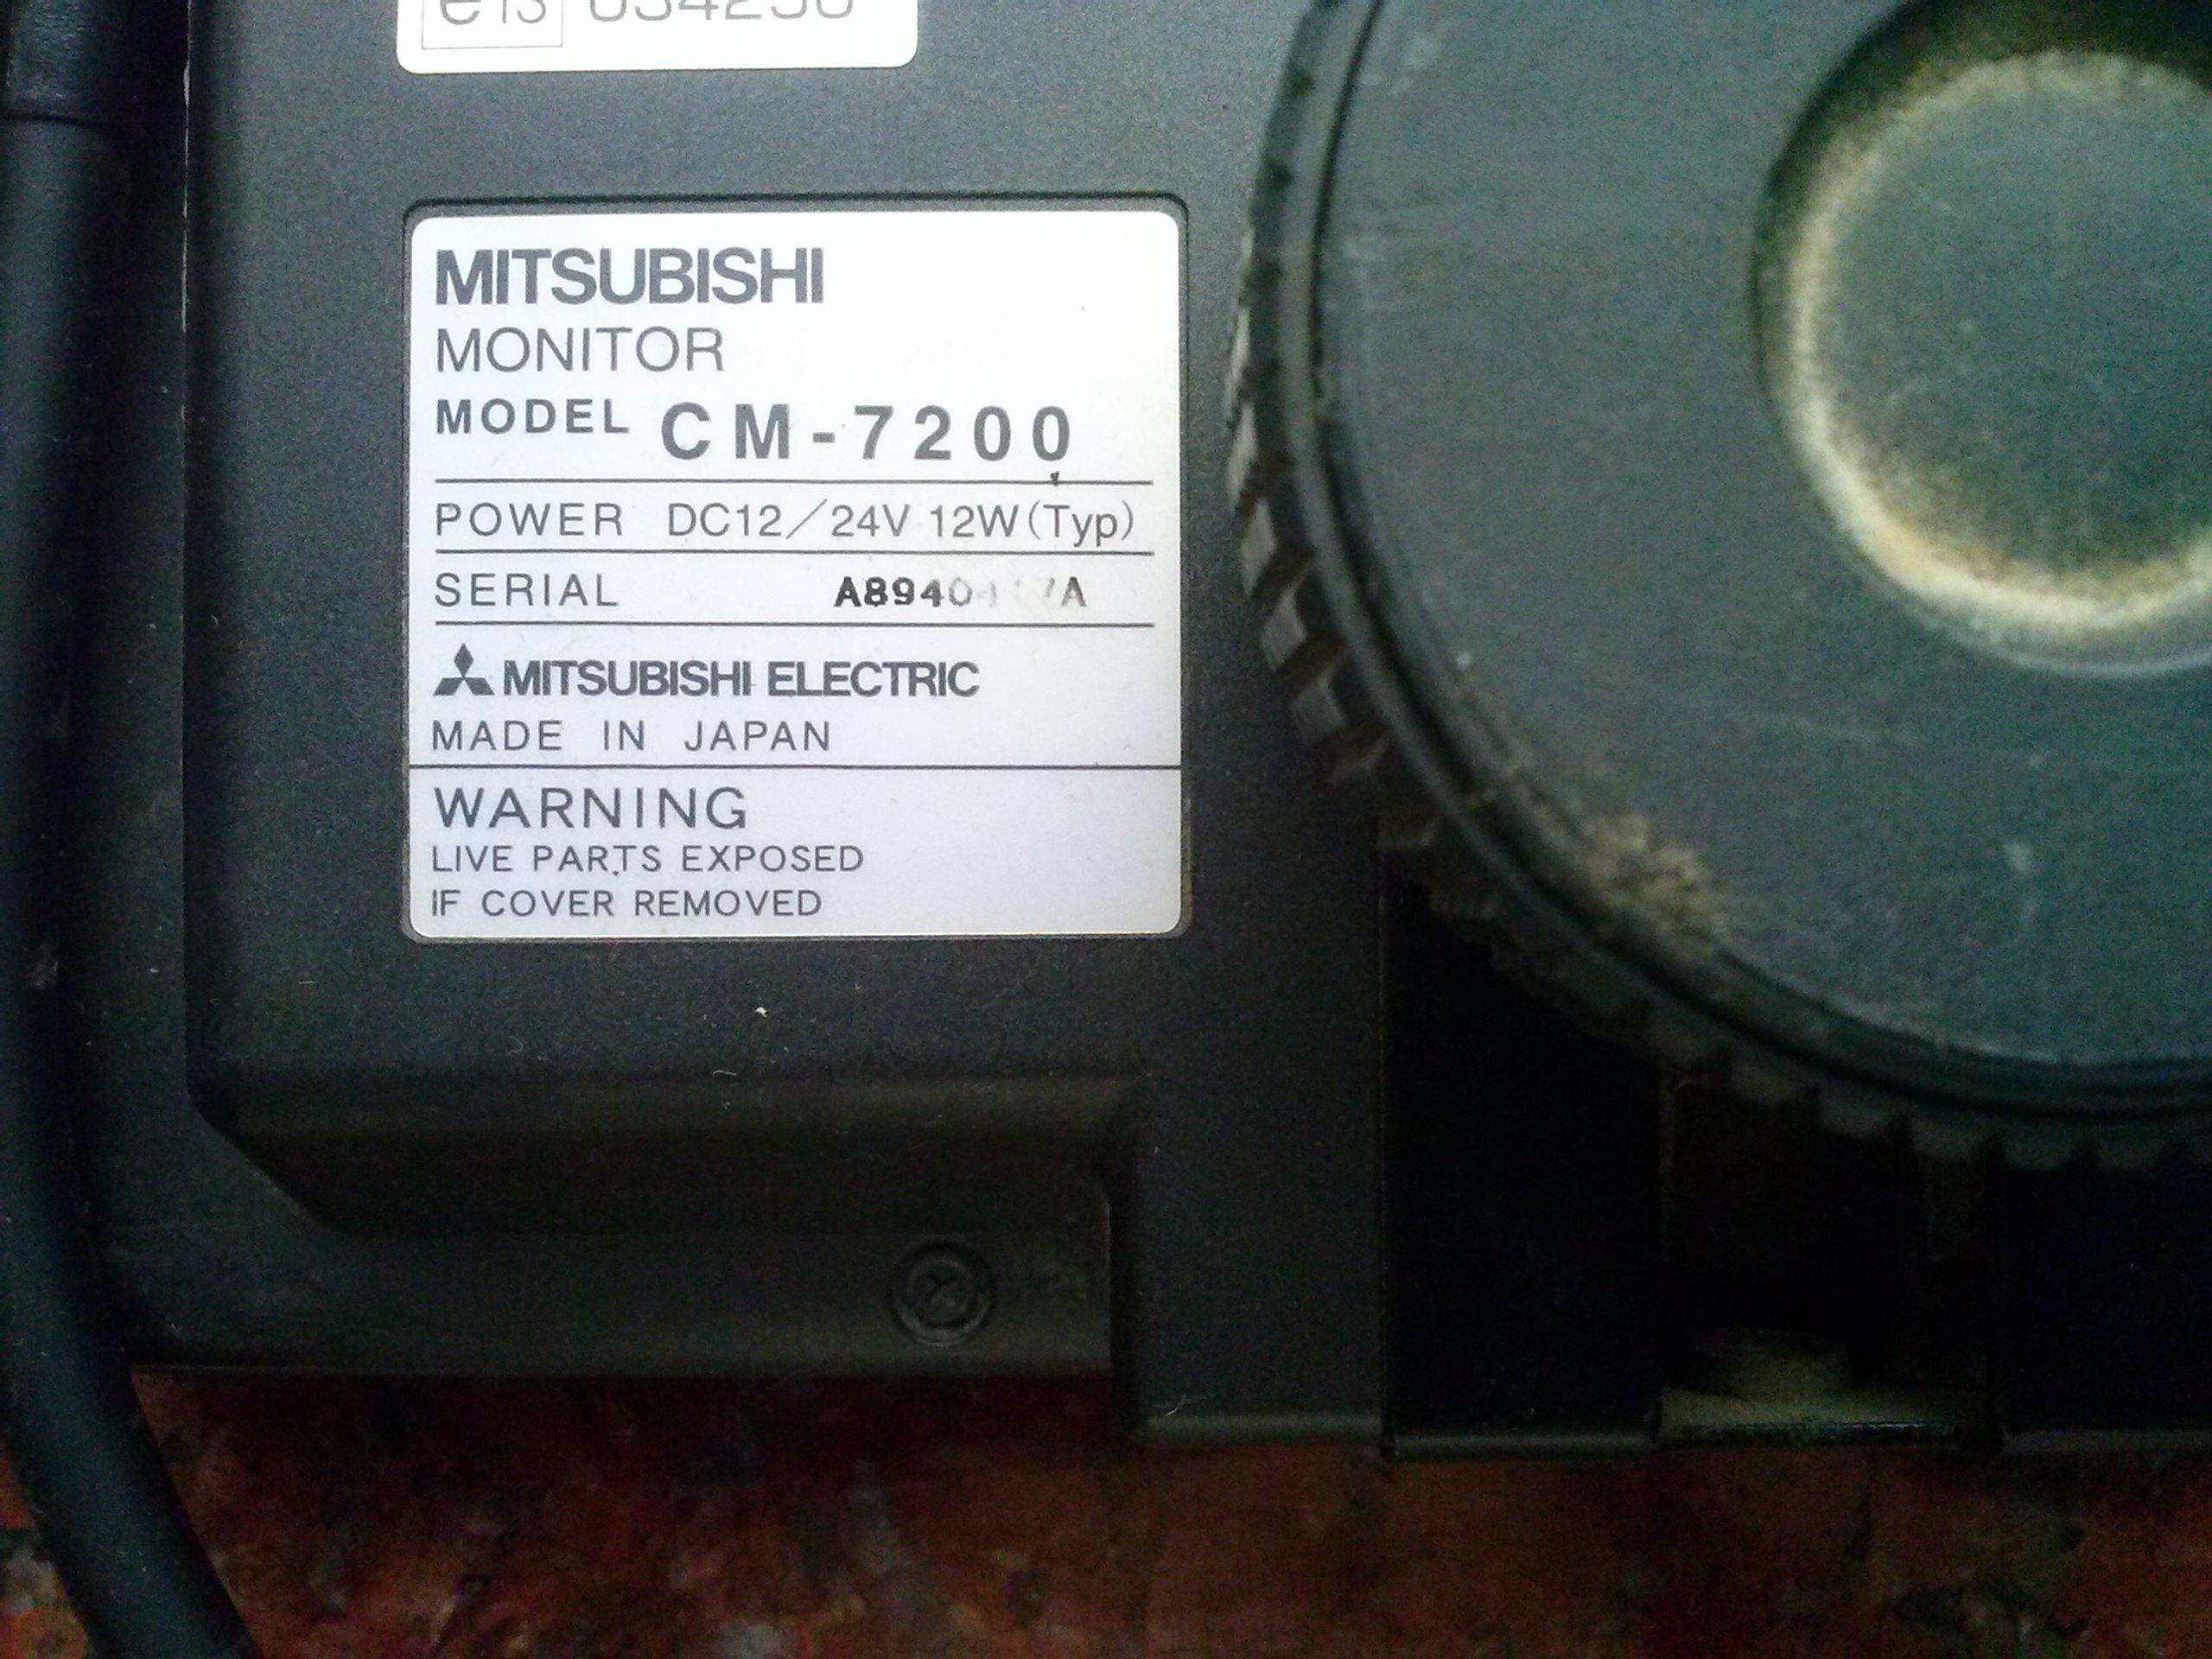 Kamera Cofania Mitsubishi - prosz� o wskaz�wki jak po��czy� kamer� cofania.